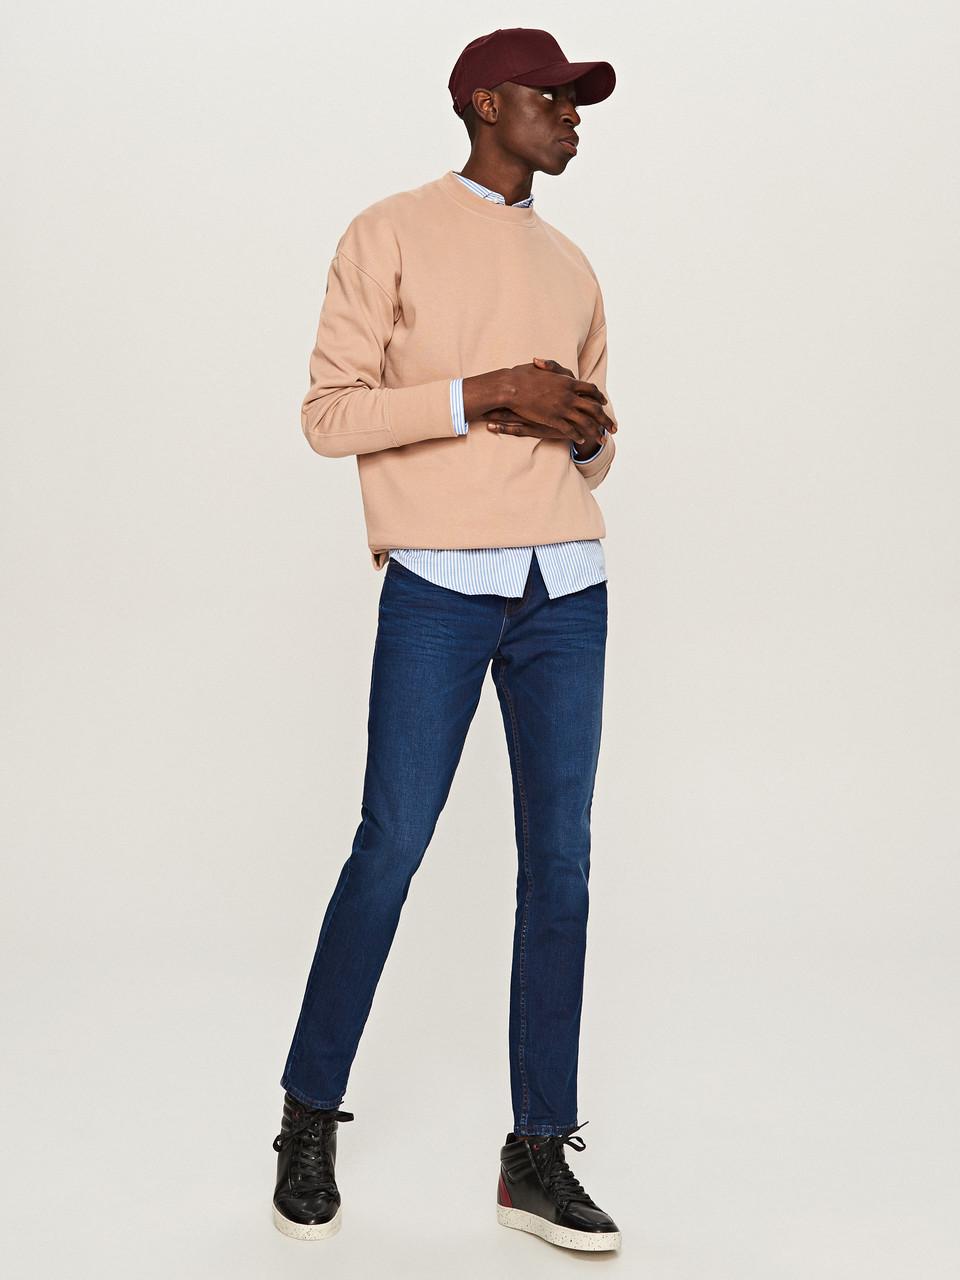 Джинси Reserved - Cиние узкие джинсы мужские скинни  (мужcкие джинсы)